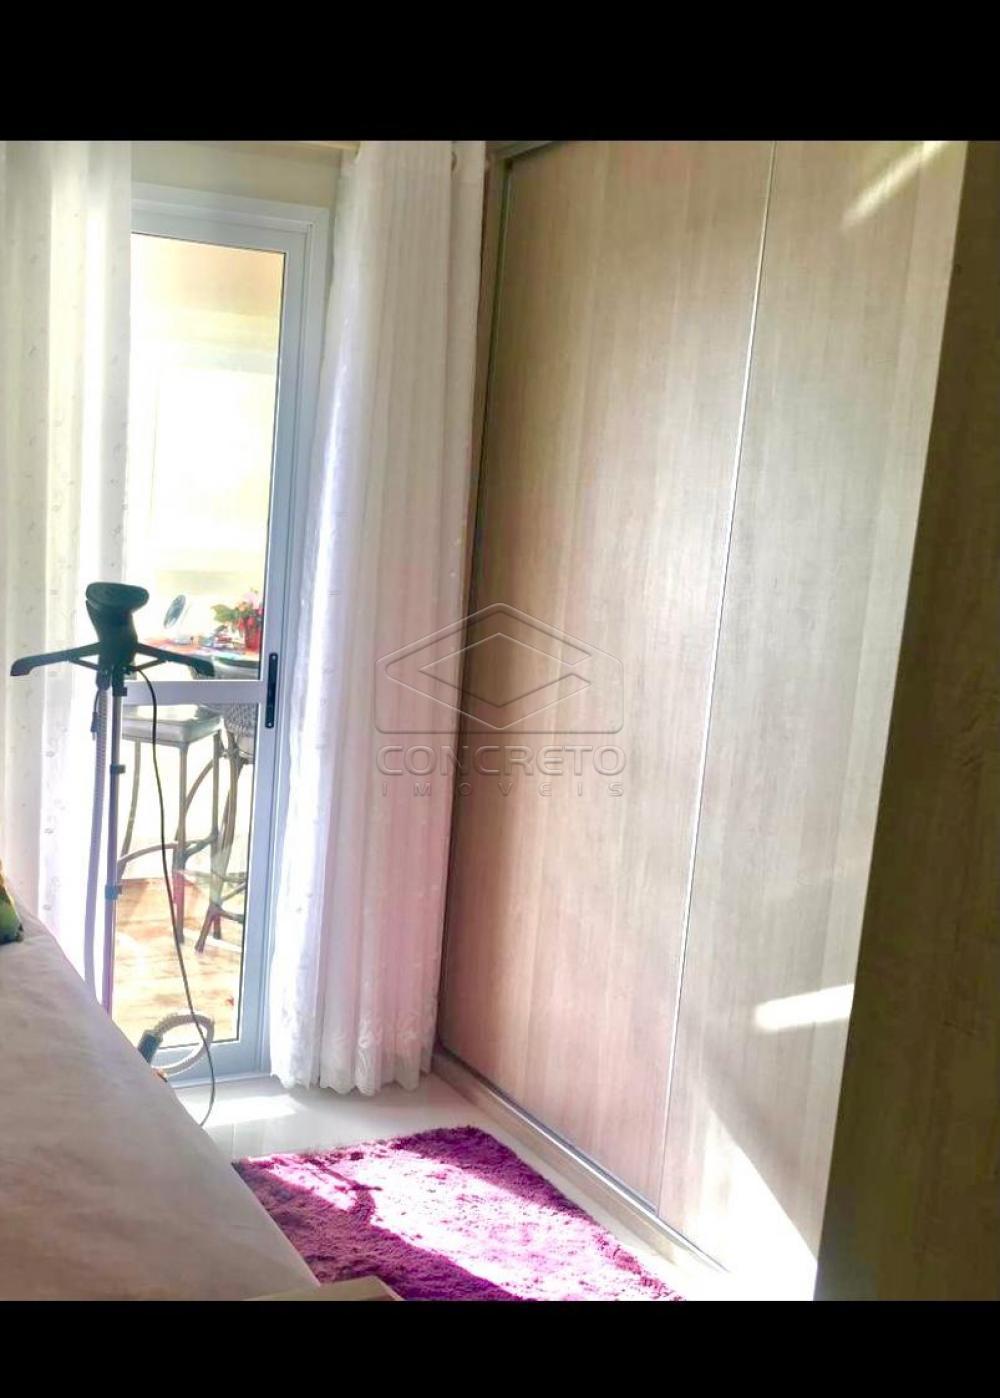 Comprar Apartamento / Padrão em Bauru R$ 500.000,00 - Foto 25